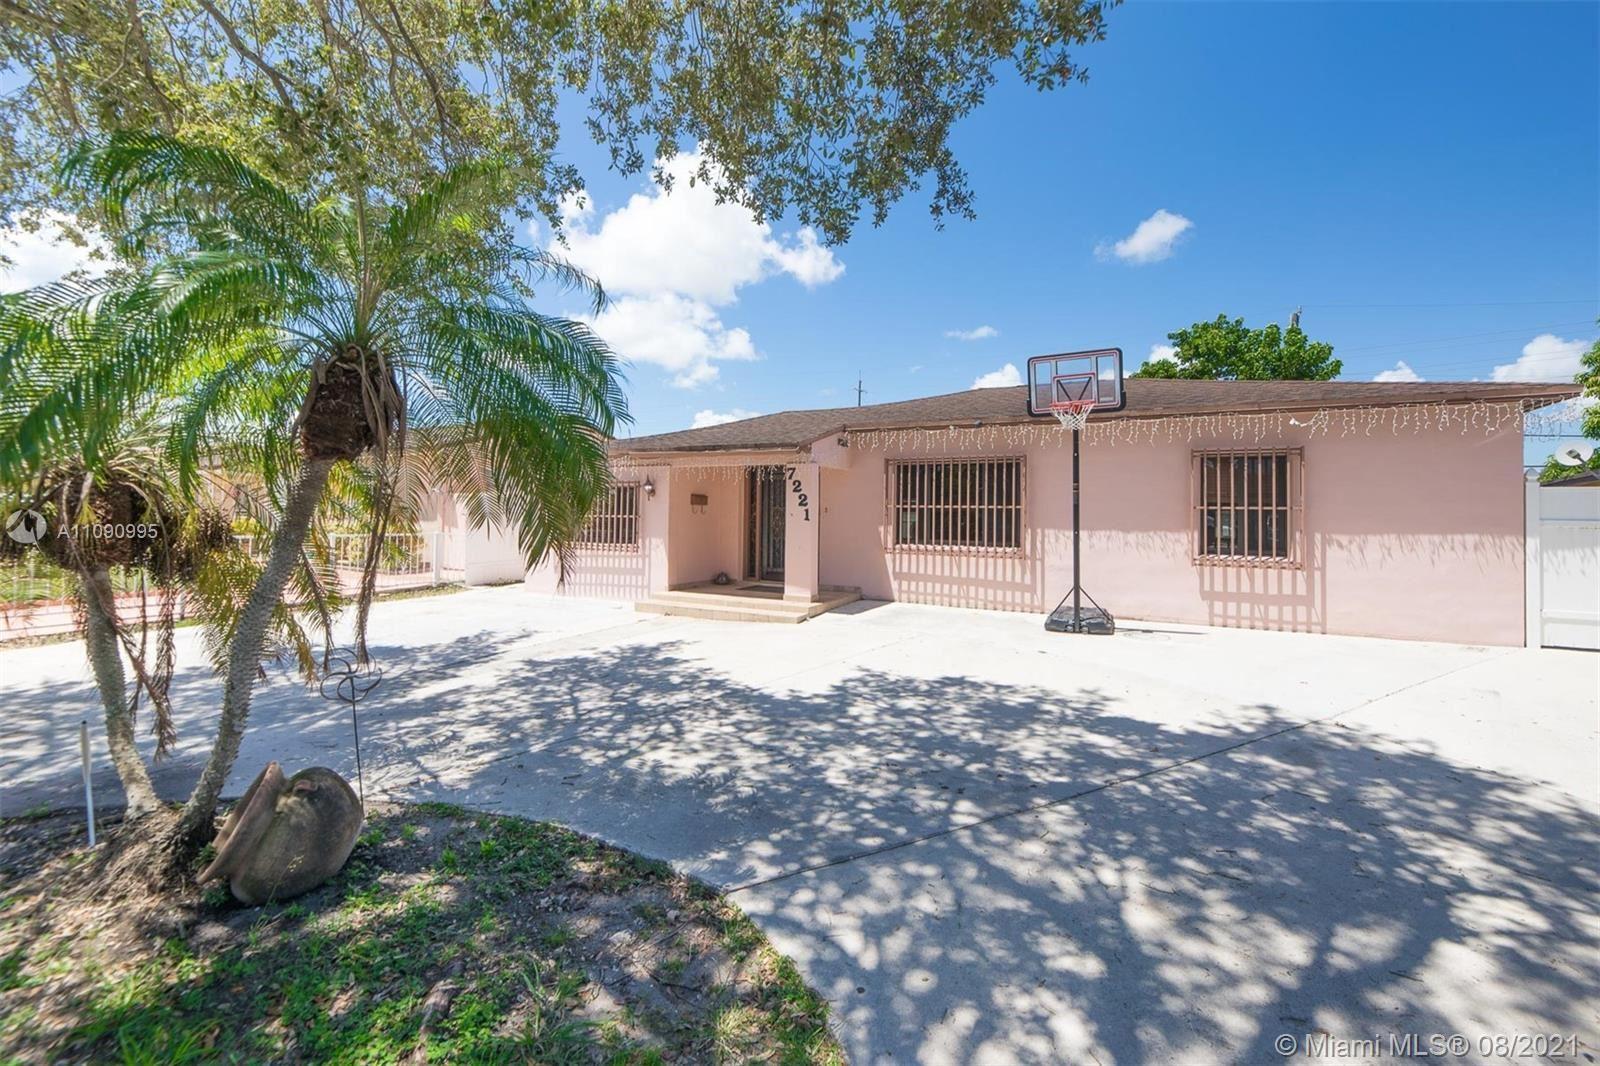 7221 SW 5th St, Miami, FL 33144 - #: A11090995